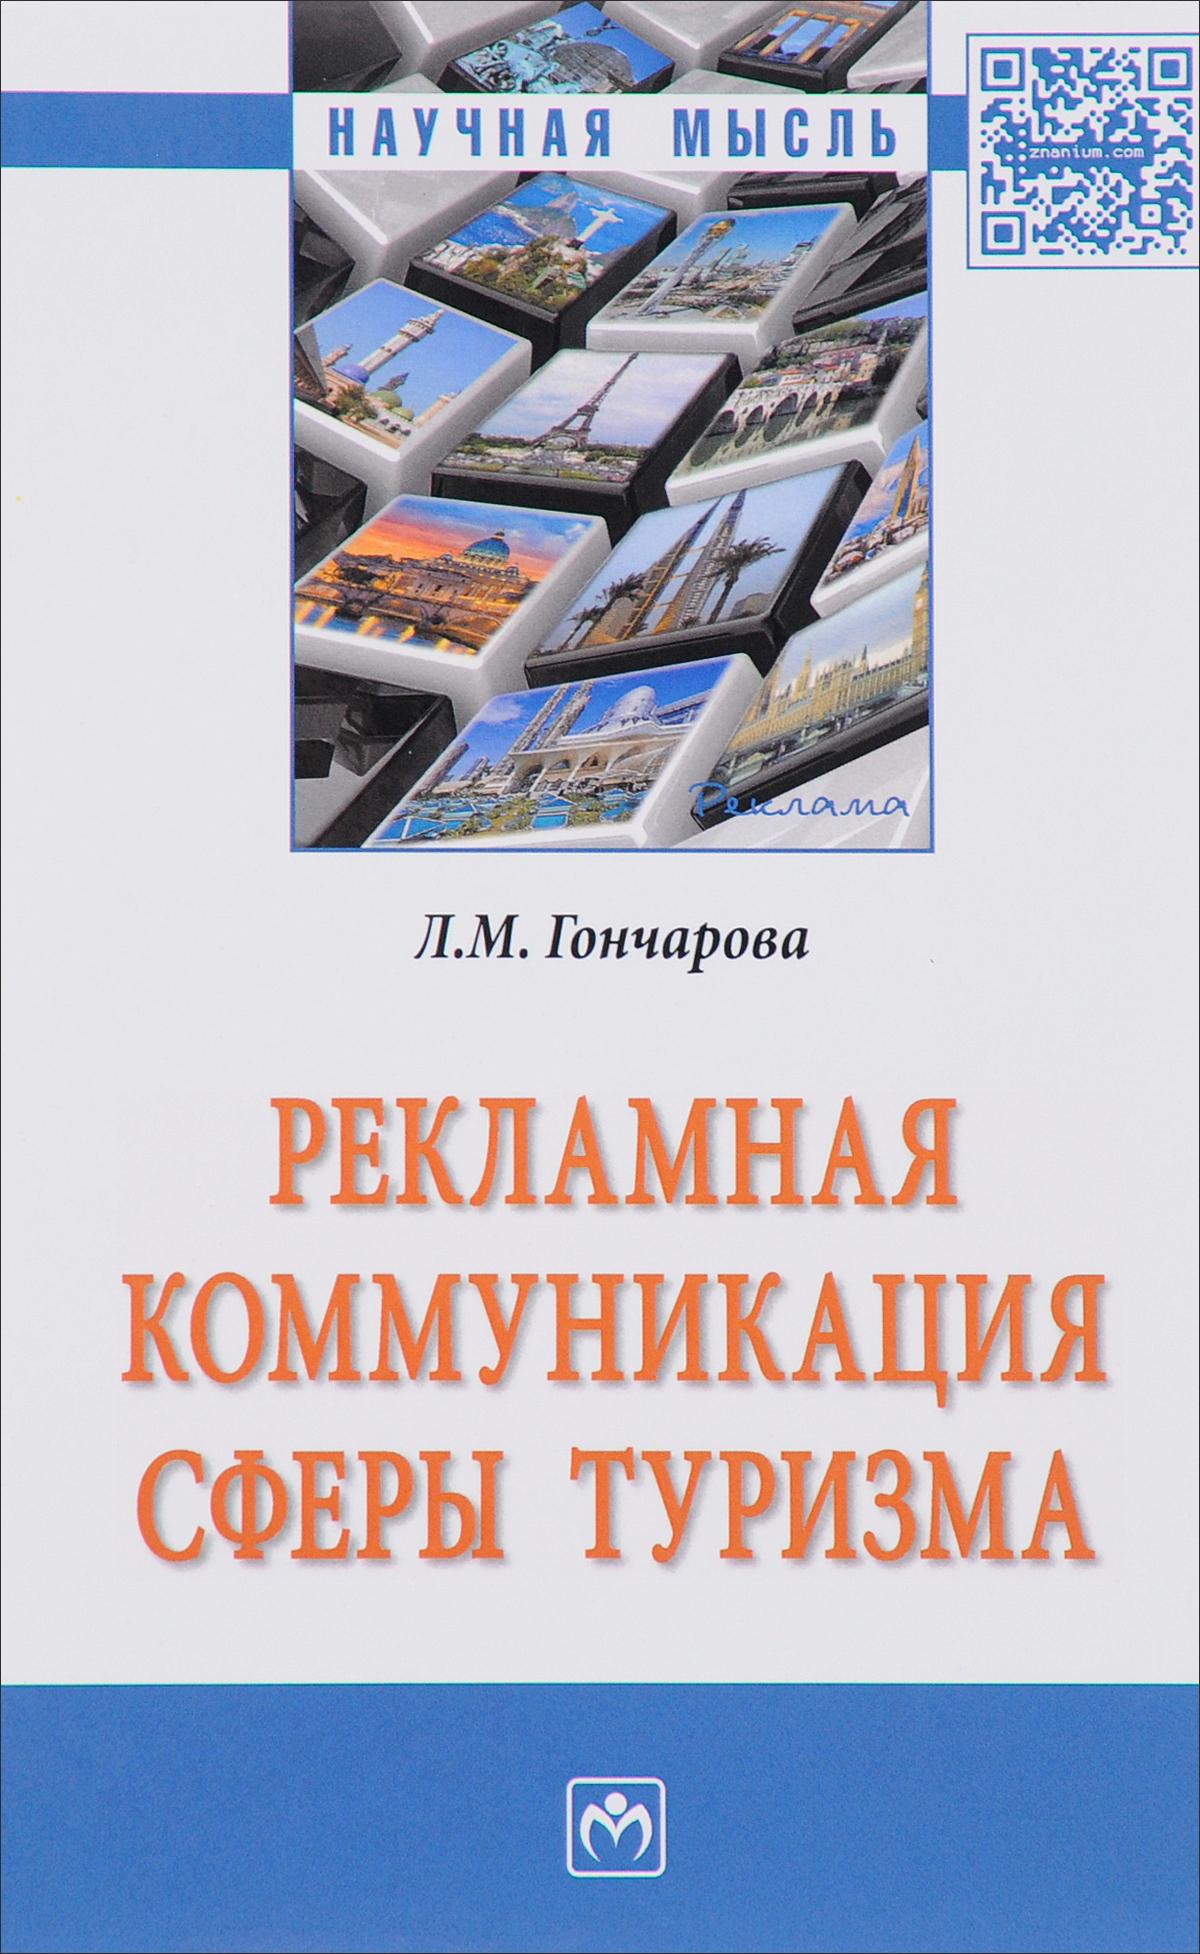 Л. М. Гончарова Рекламная коммуникация сферы туризма